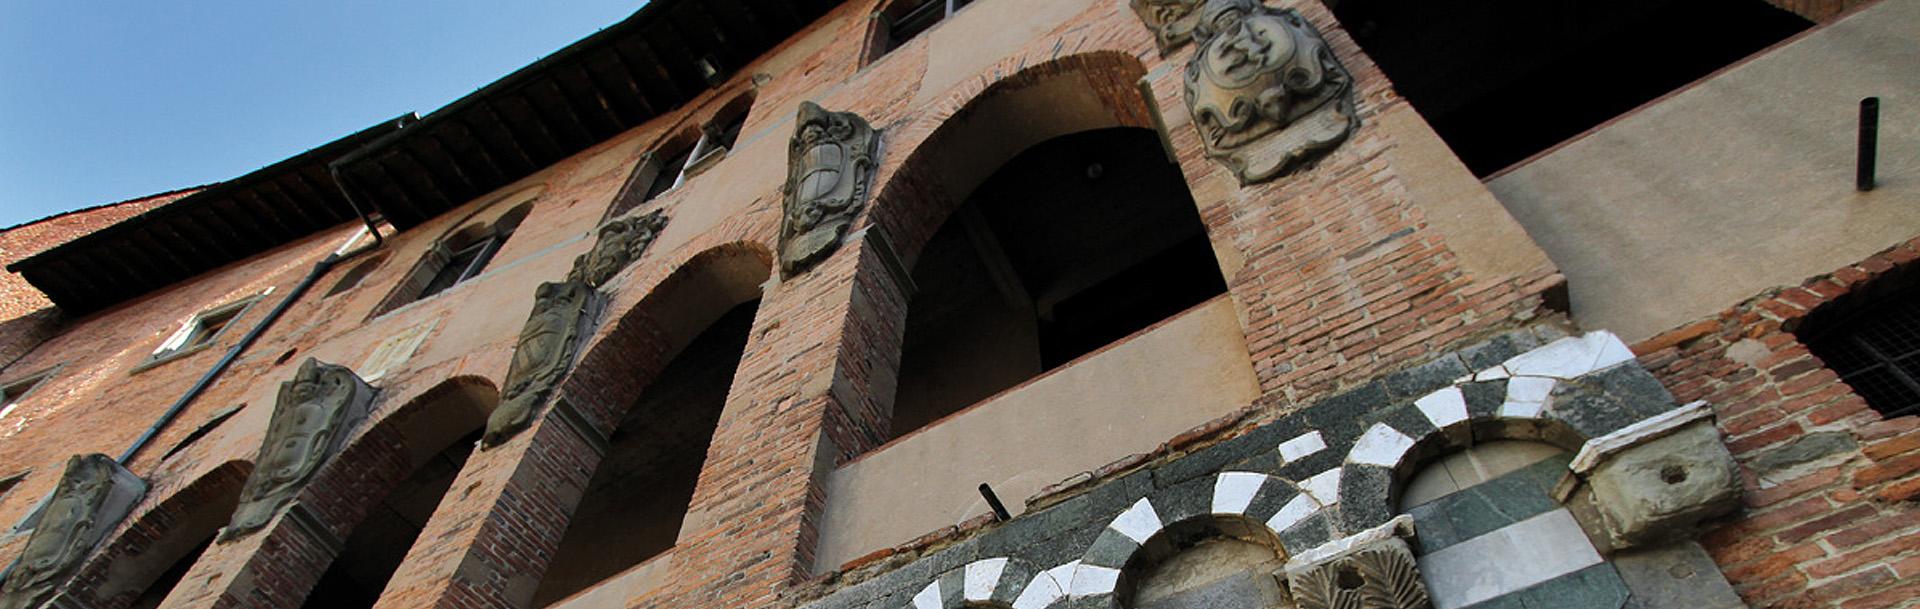 1920x609 accessibilita palazzo vescovi